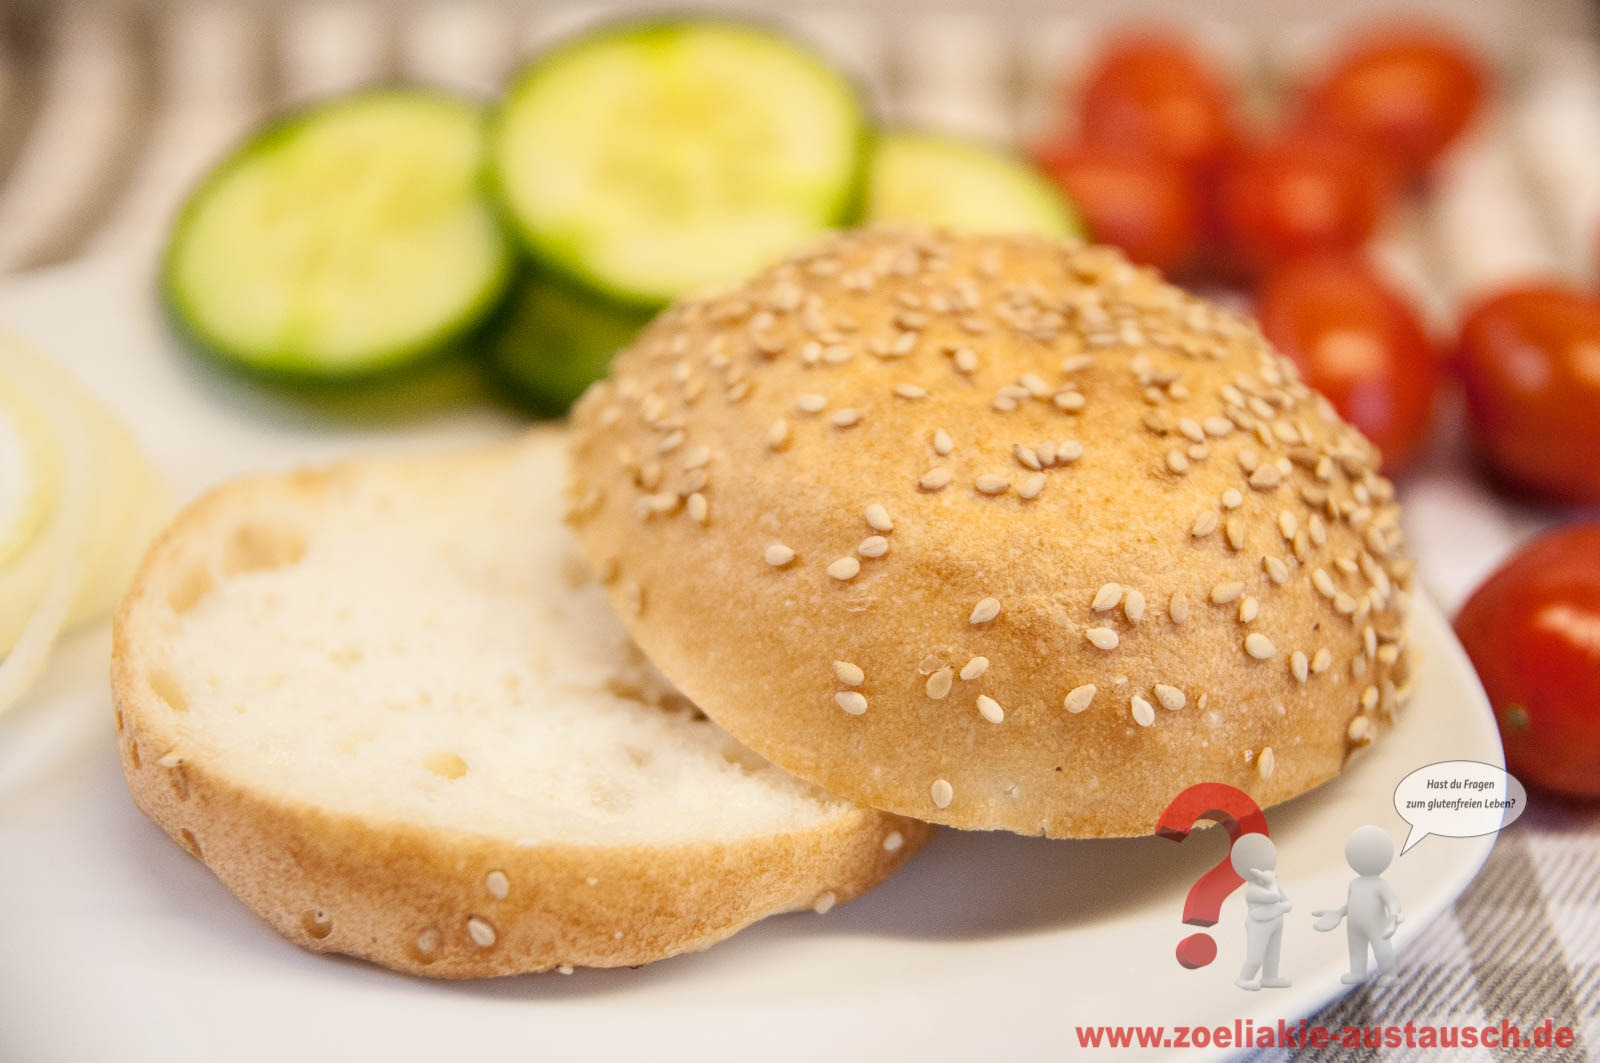 Zoeliakie-Austausch_Schnitzer_Burger_Broetchen_01